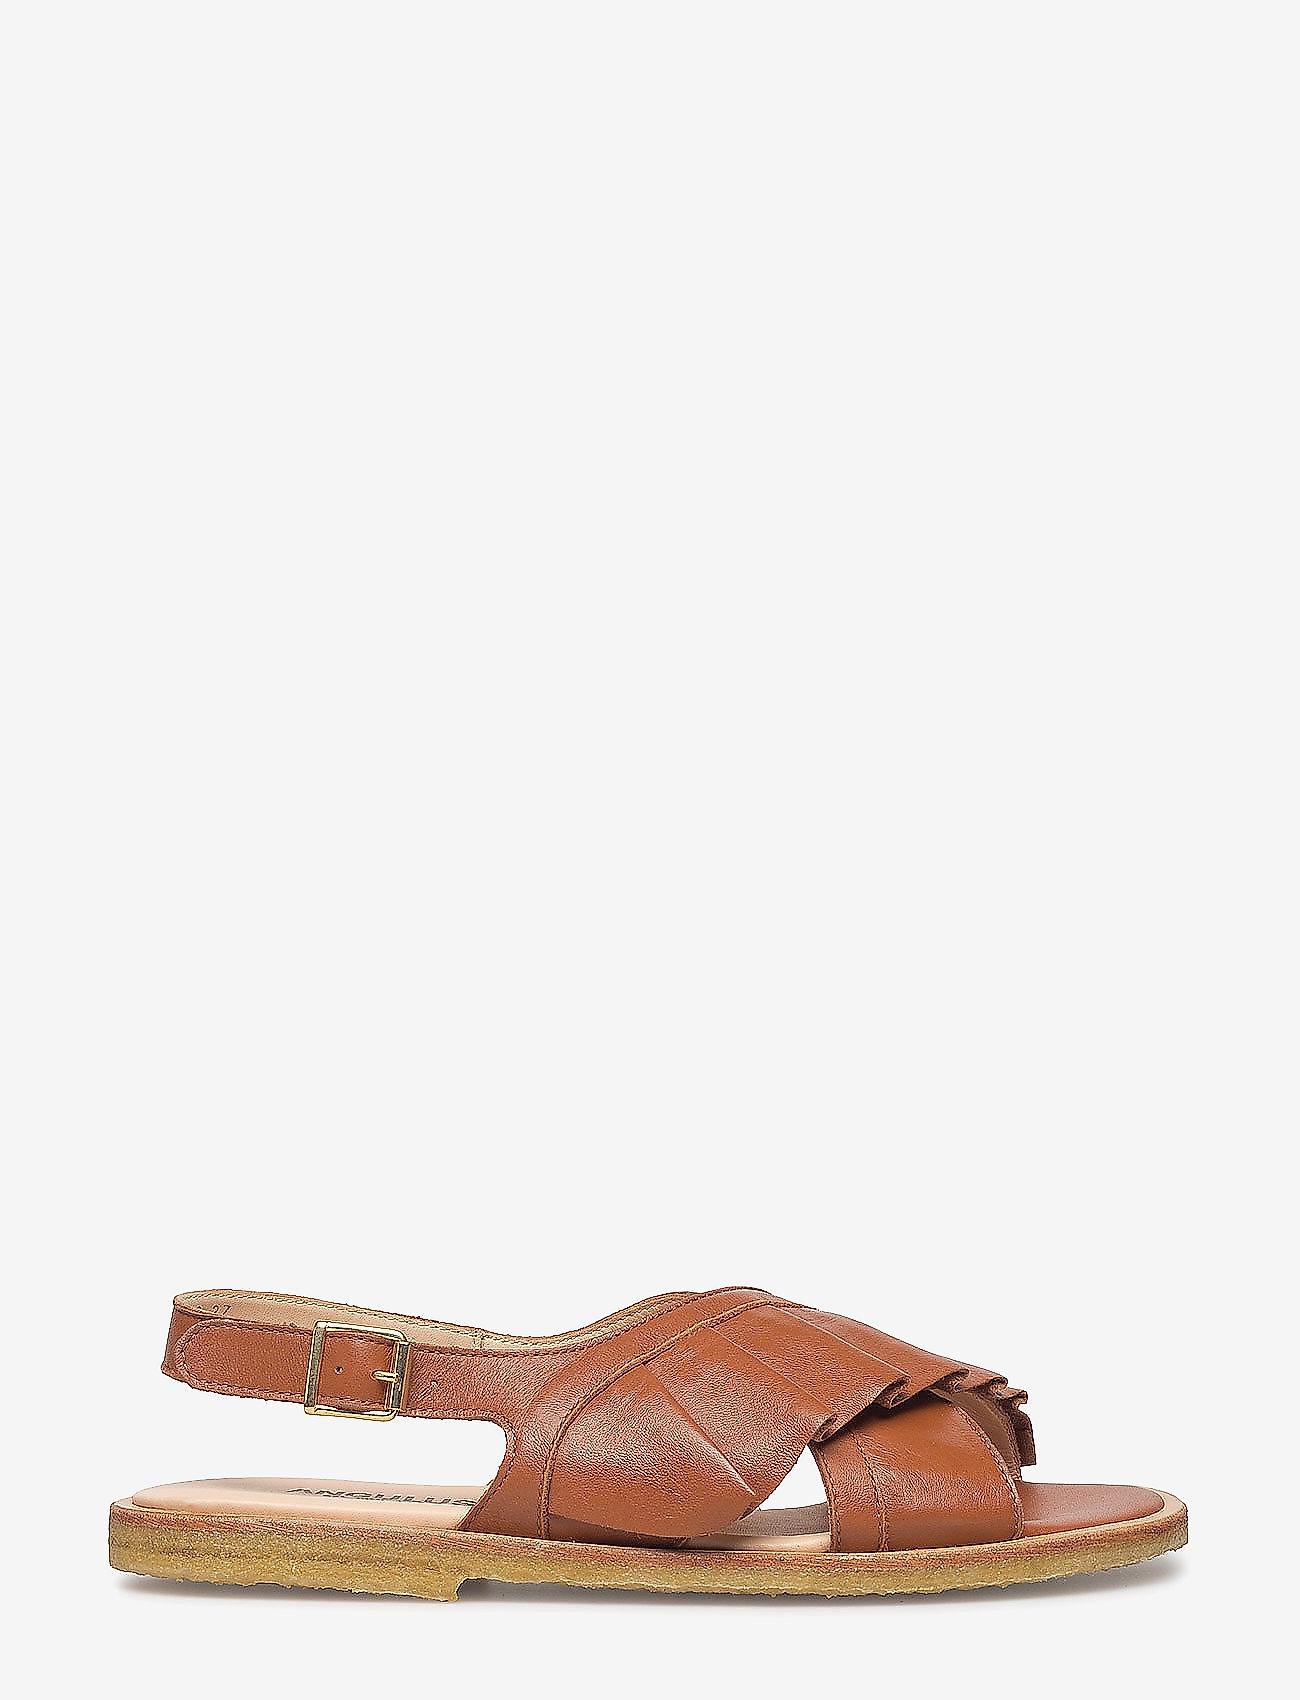 ANGULUS - Sandals - flat - flache sandalen - 1431 cognac - 1